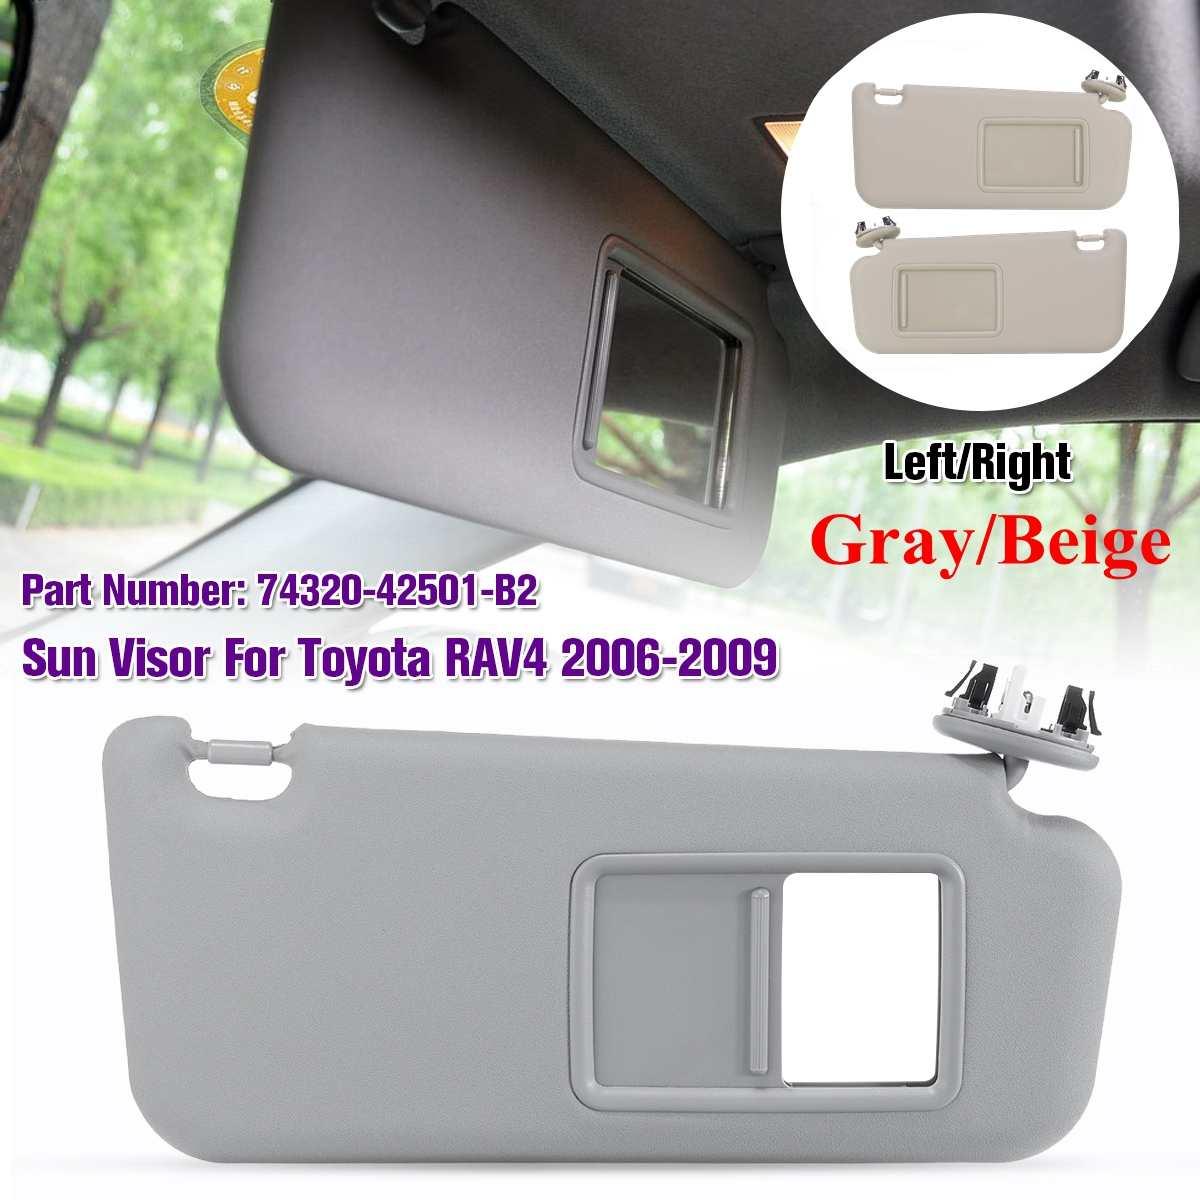 1 pièces accessoires de voiture gauche/droite gris Beige pare-soleil avec miroir de maquillage et vis pour Toyota RAV4 2006-2009 74320-42501-A1